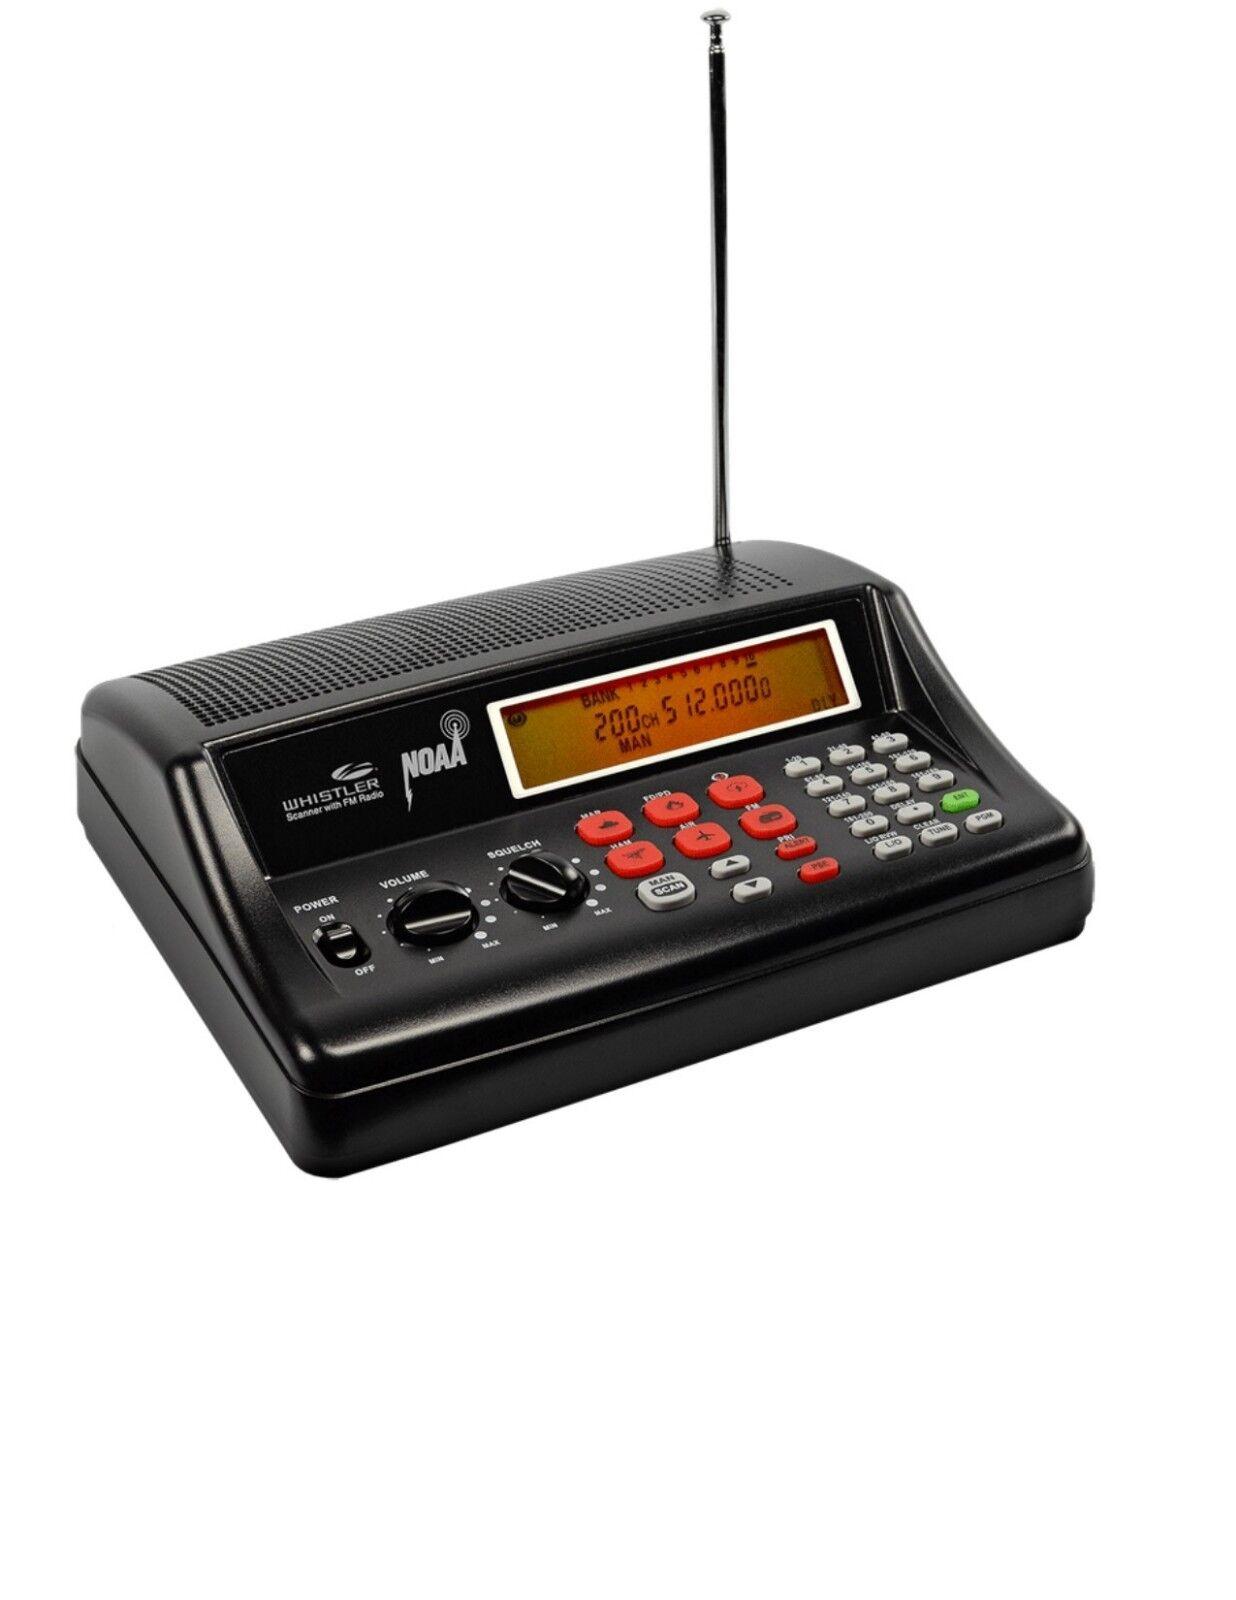 WHISTLER WS1025 Analog Desktop Radio Scanner